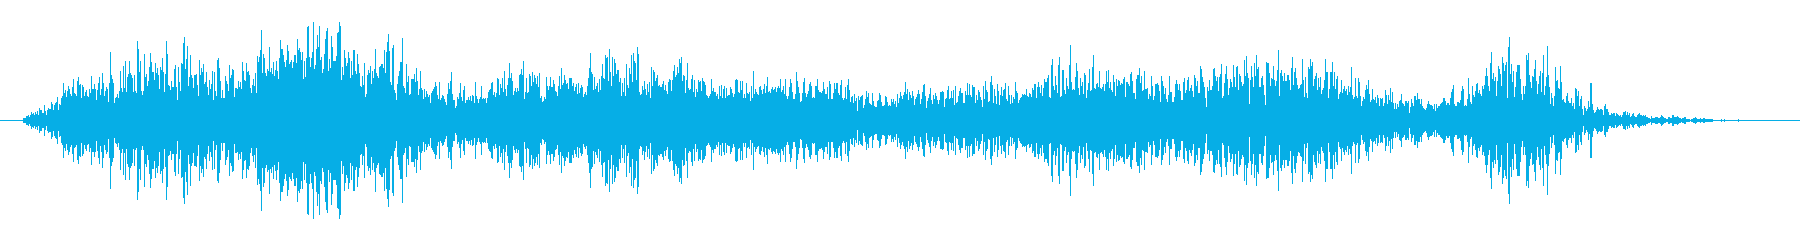 中世 ゲートメタルラージオープン01の再生済みの波形